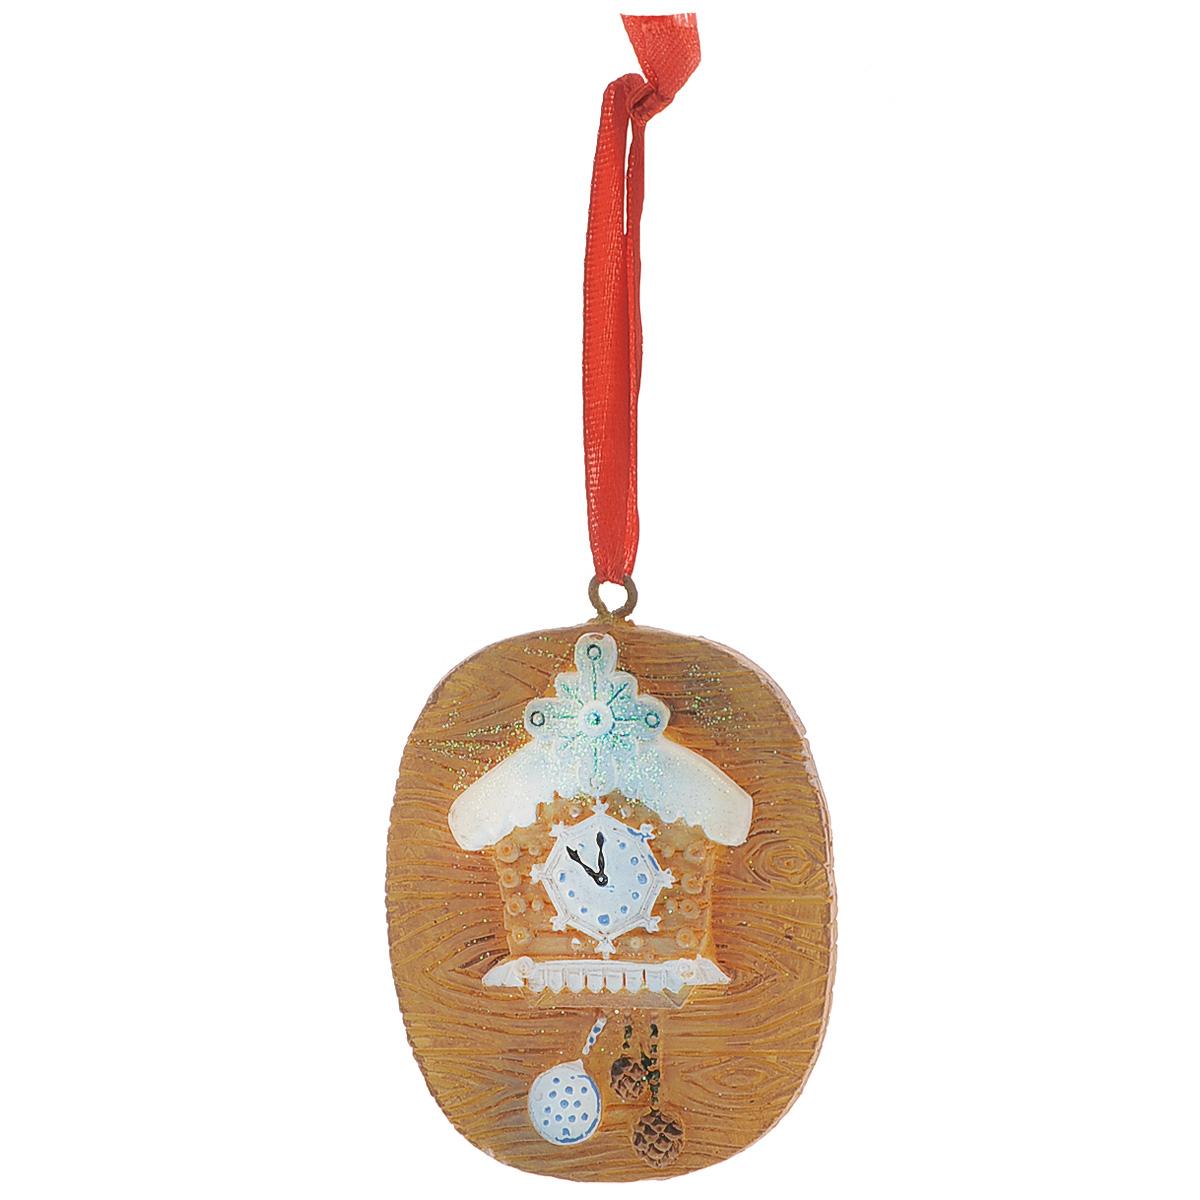 Оригинальное новогоднее украшение из пластика прекрасно подойдет для праздничного декора дома и новогодней ели. Изделие крепится на елку с помощью металлического зажима.